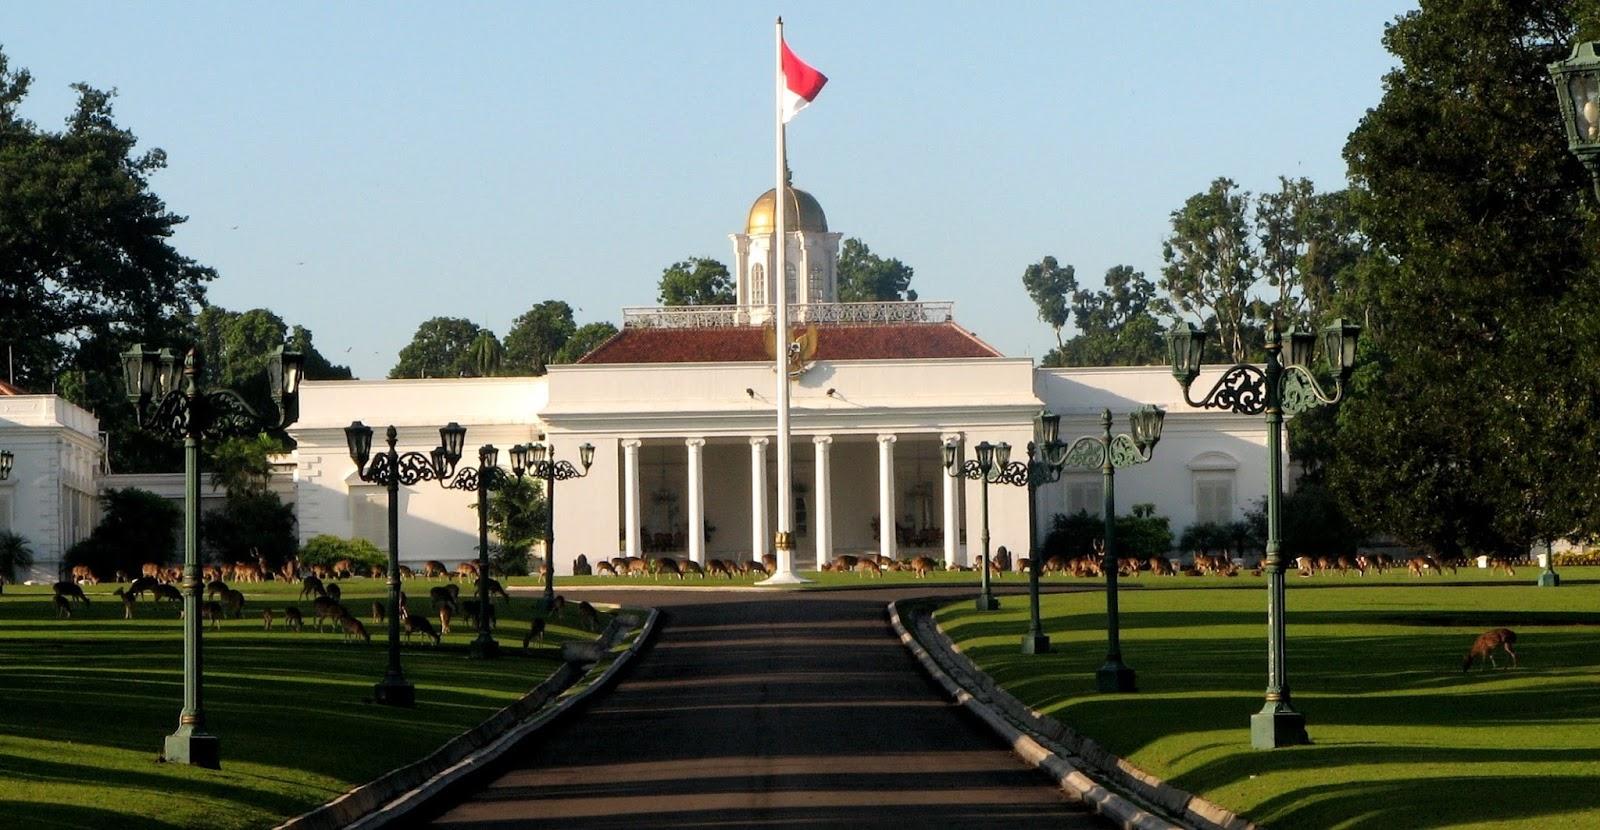 Sketsa Kata Rang Danau Sekilas Mengenal Istana Kepresidenan